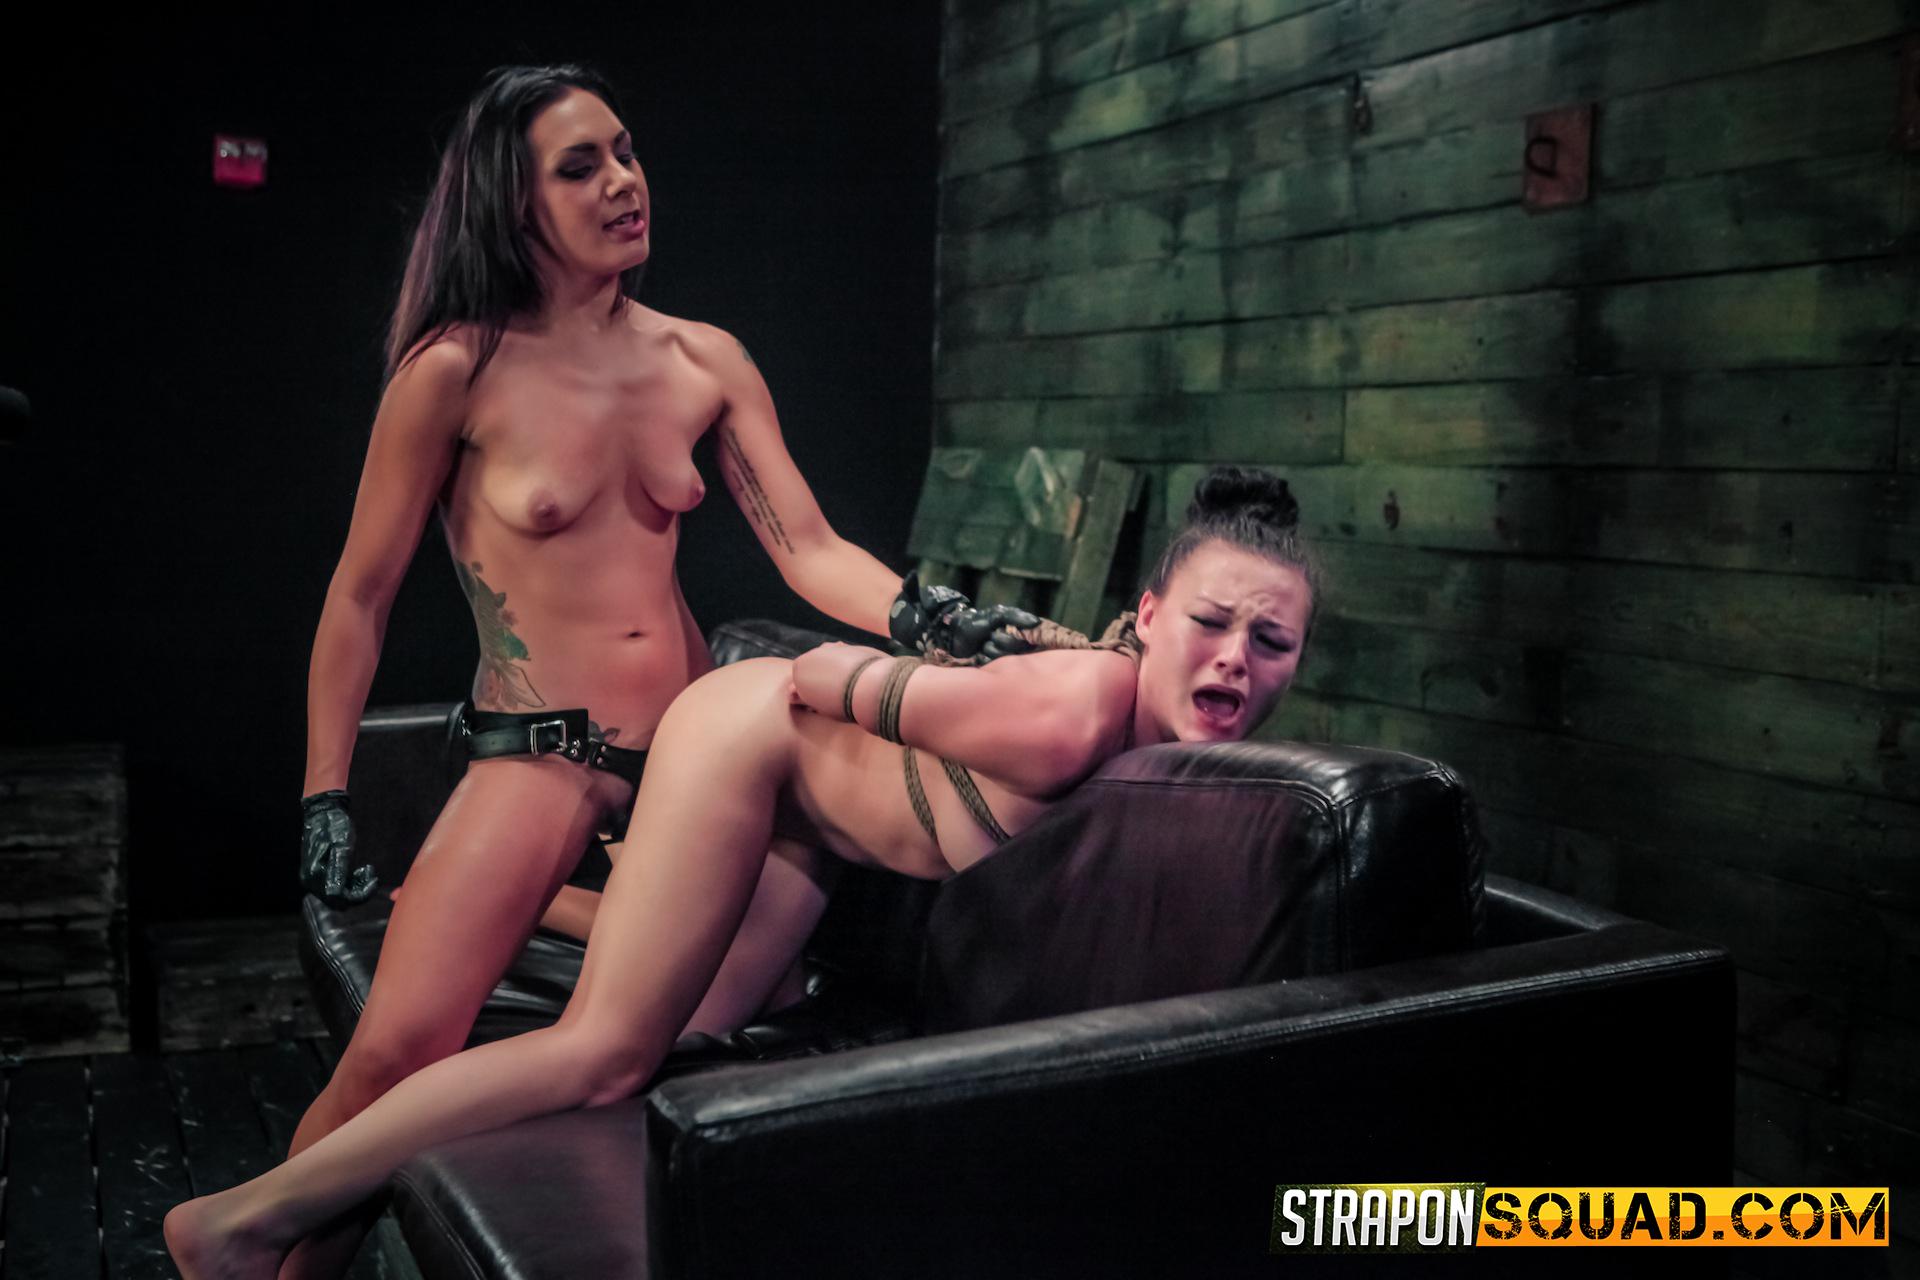 geile mistress is slavinnetje aan het verkrachten met strapon